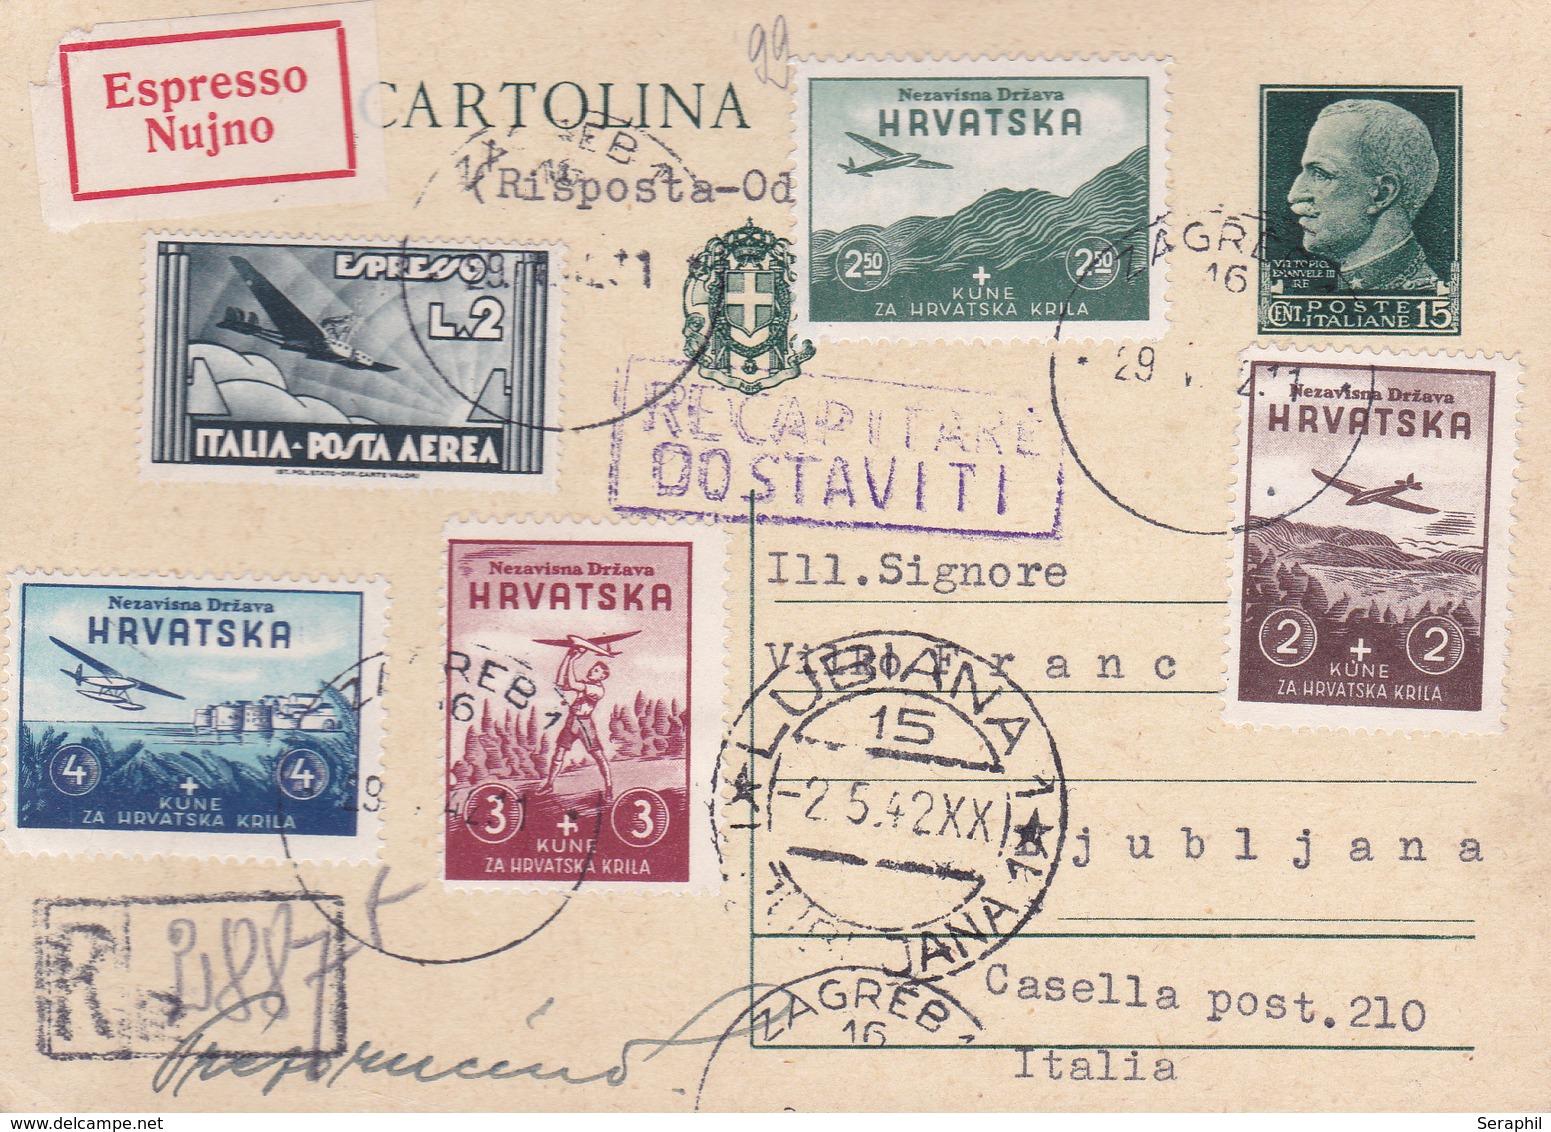 Lettre De 1942 - Entier Postal Italien + Timbre Expres Italie N° 68 - Poste Aérienne + Timbres De Croatie N° 50/3 - Interi Postali